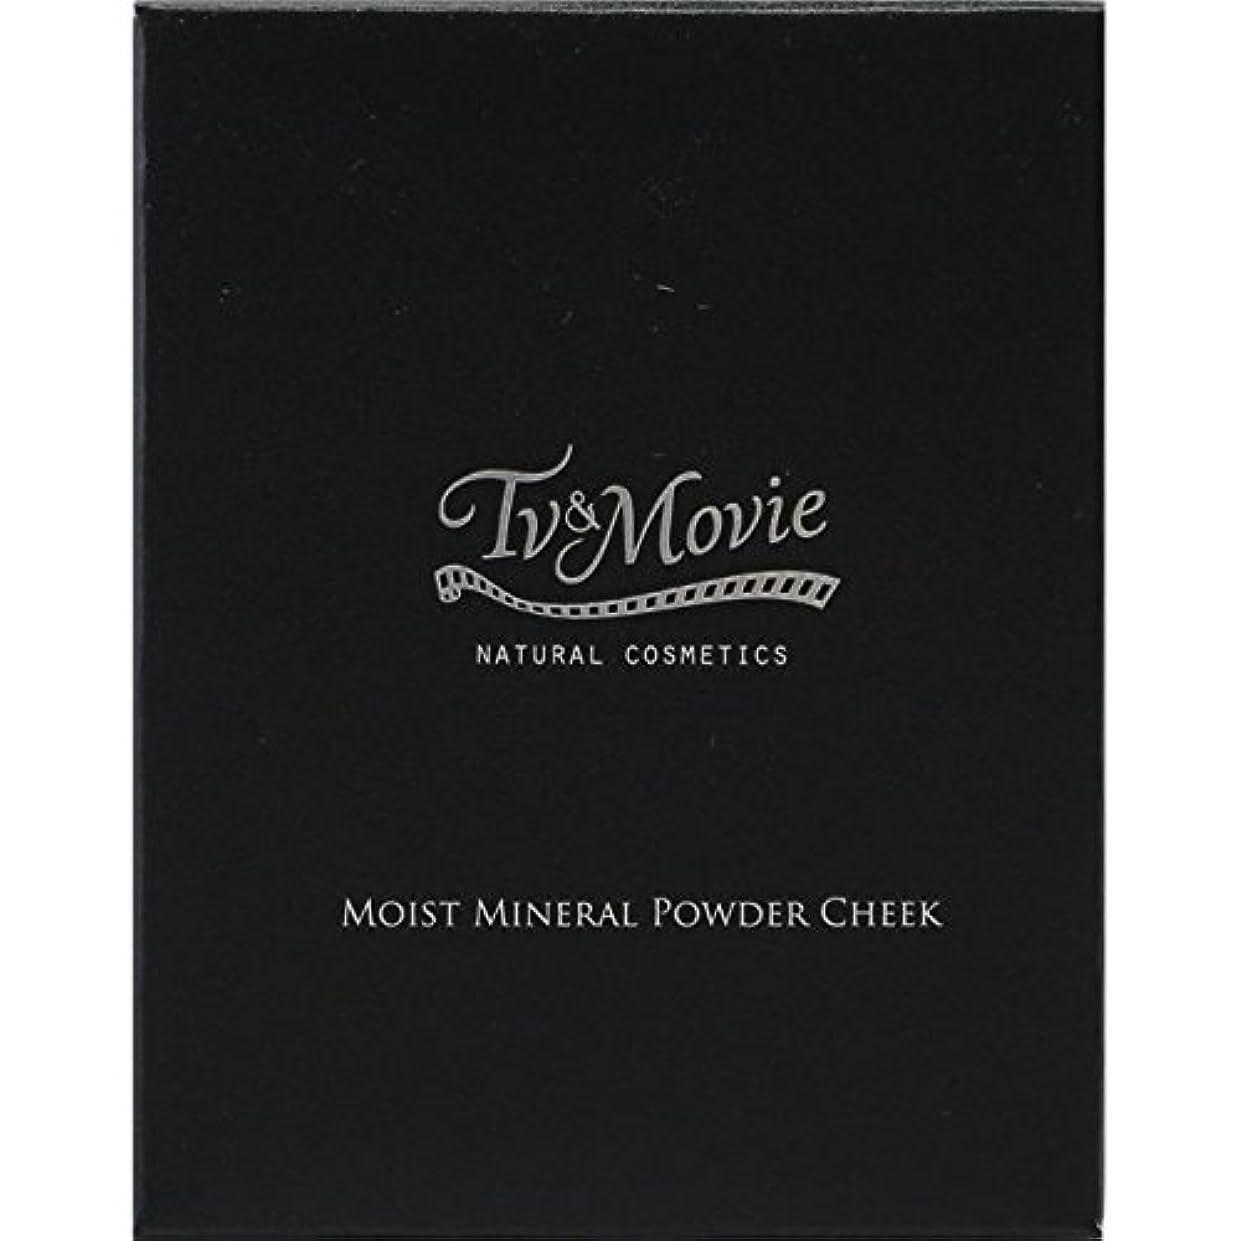 知性灰悪性【TV&MOVIE(ティビーアンドムービー) 】モイストミネラル パウダーチーク 5g (01エレガントピンク)